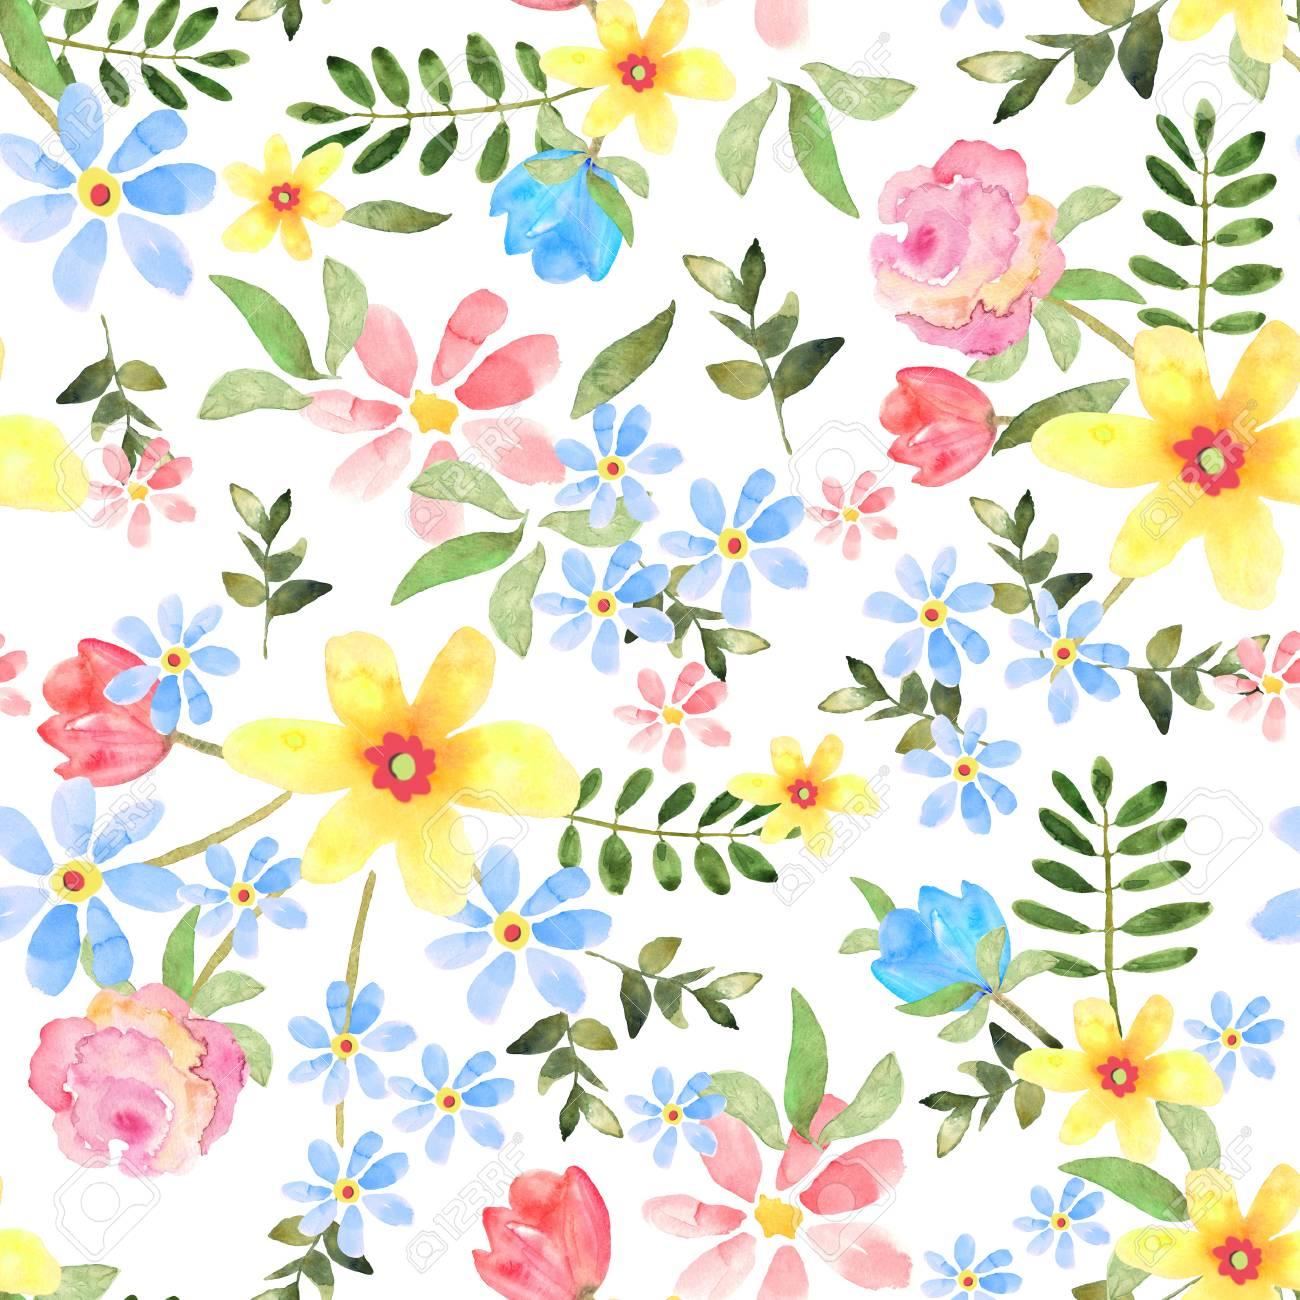 手描き背景に水彩で花のシームレス花柄印刷 壁紙 テキスタイルのデザイン の写真素材 画像素材 Image